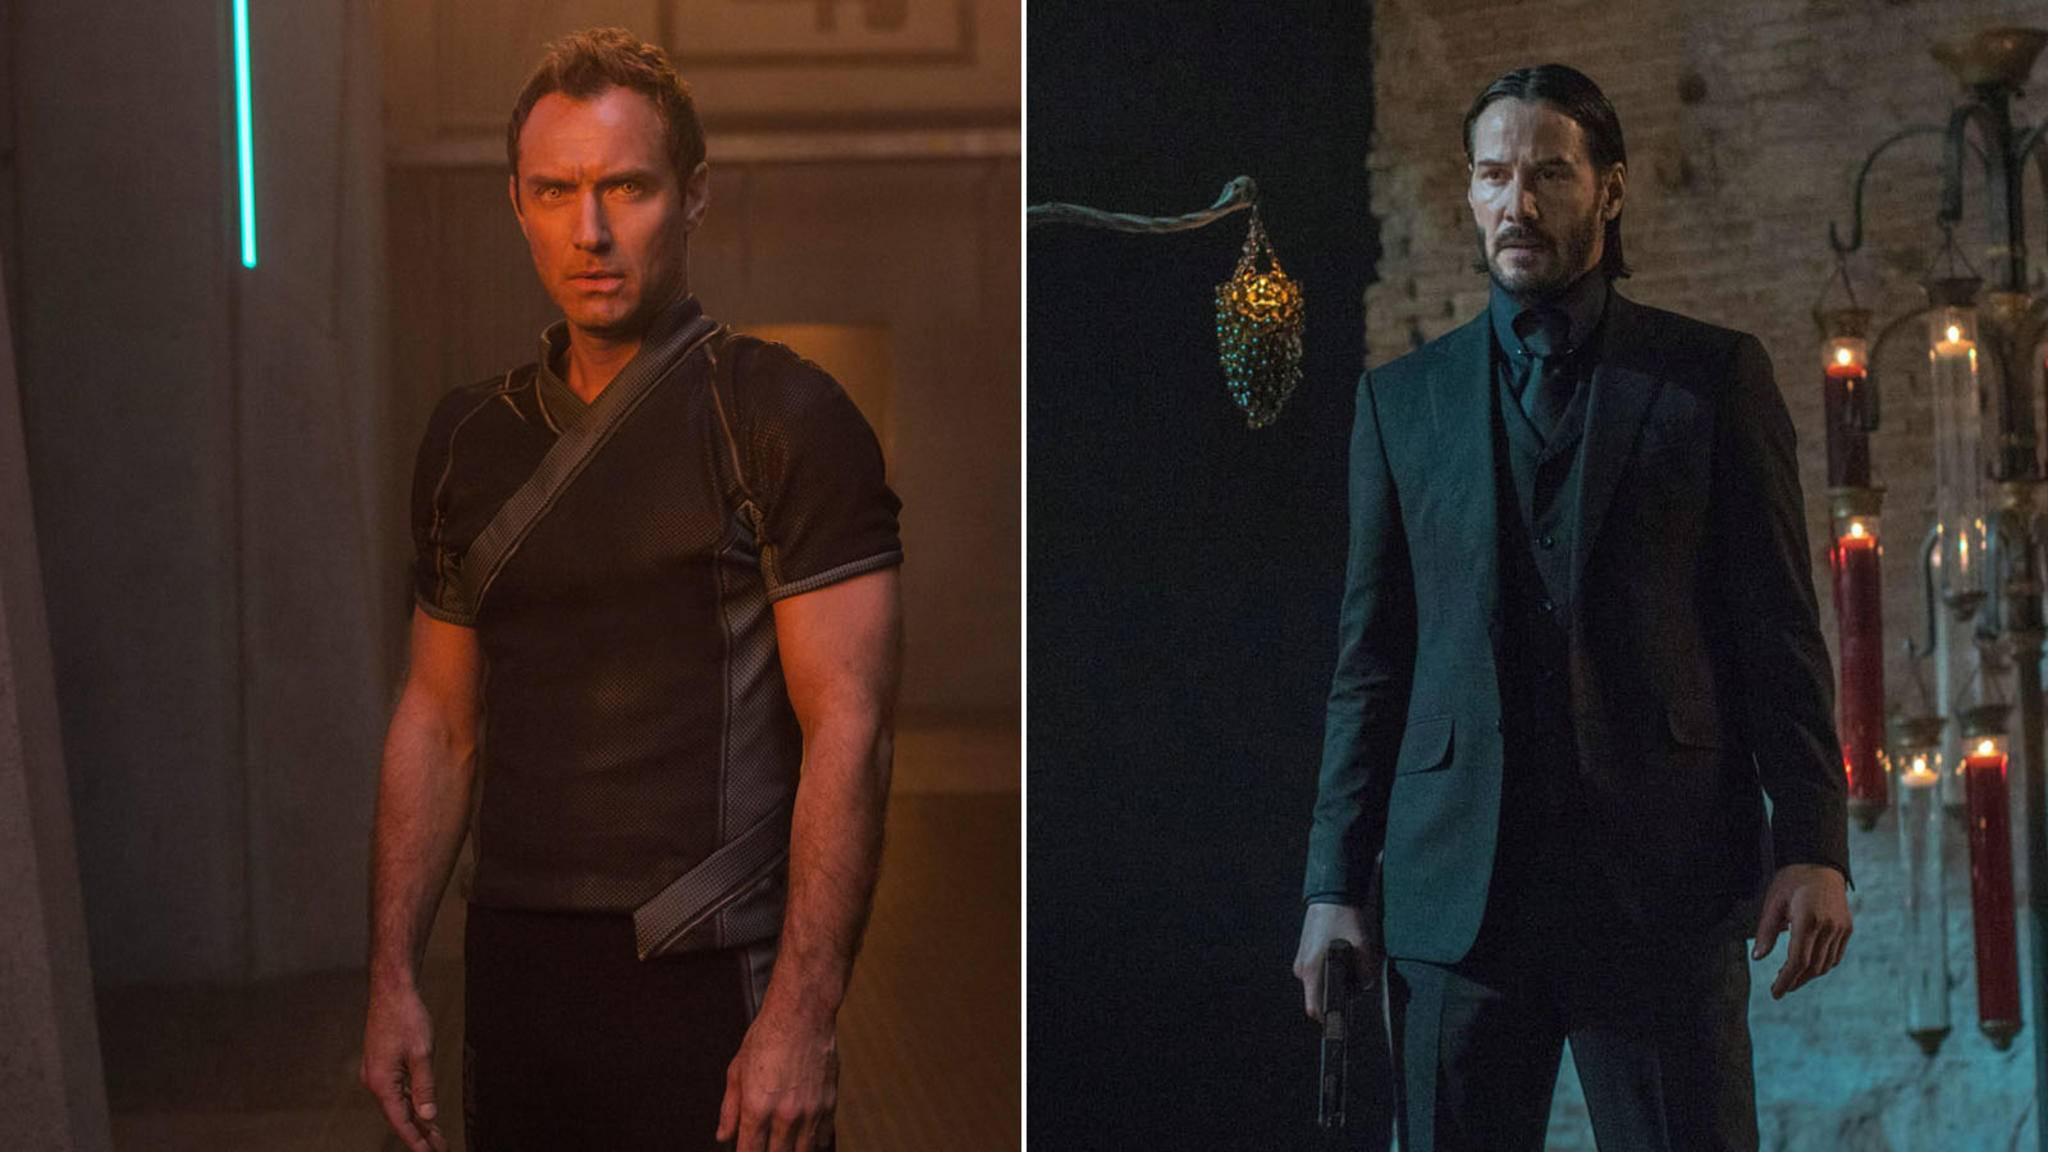 """Anstelle von Jude Law hätten wir beinahe Keanu Reeves in """"Captain Marvel"""" bewundern dürfen."""